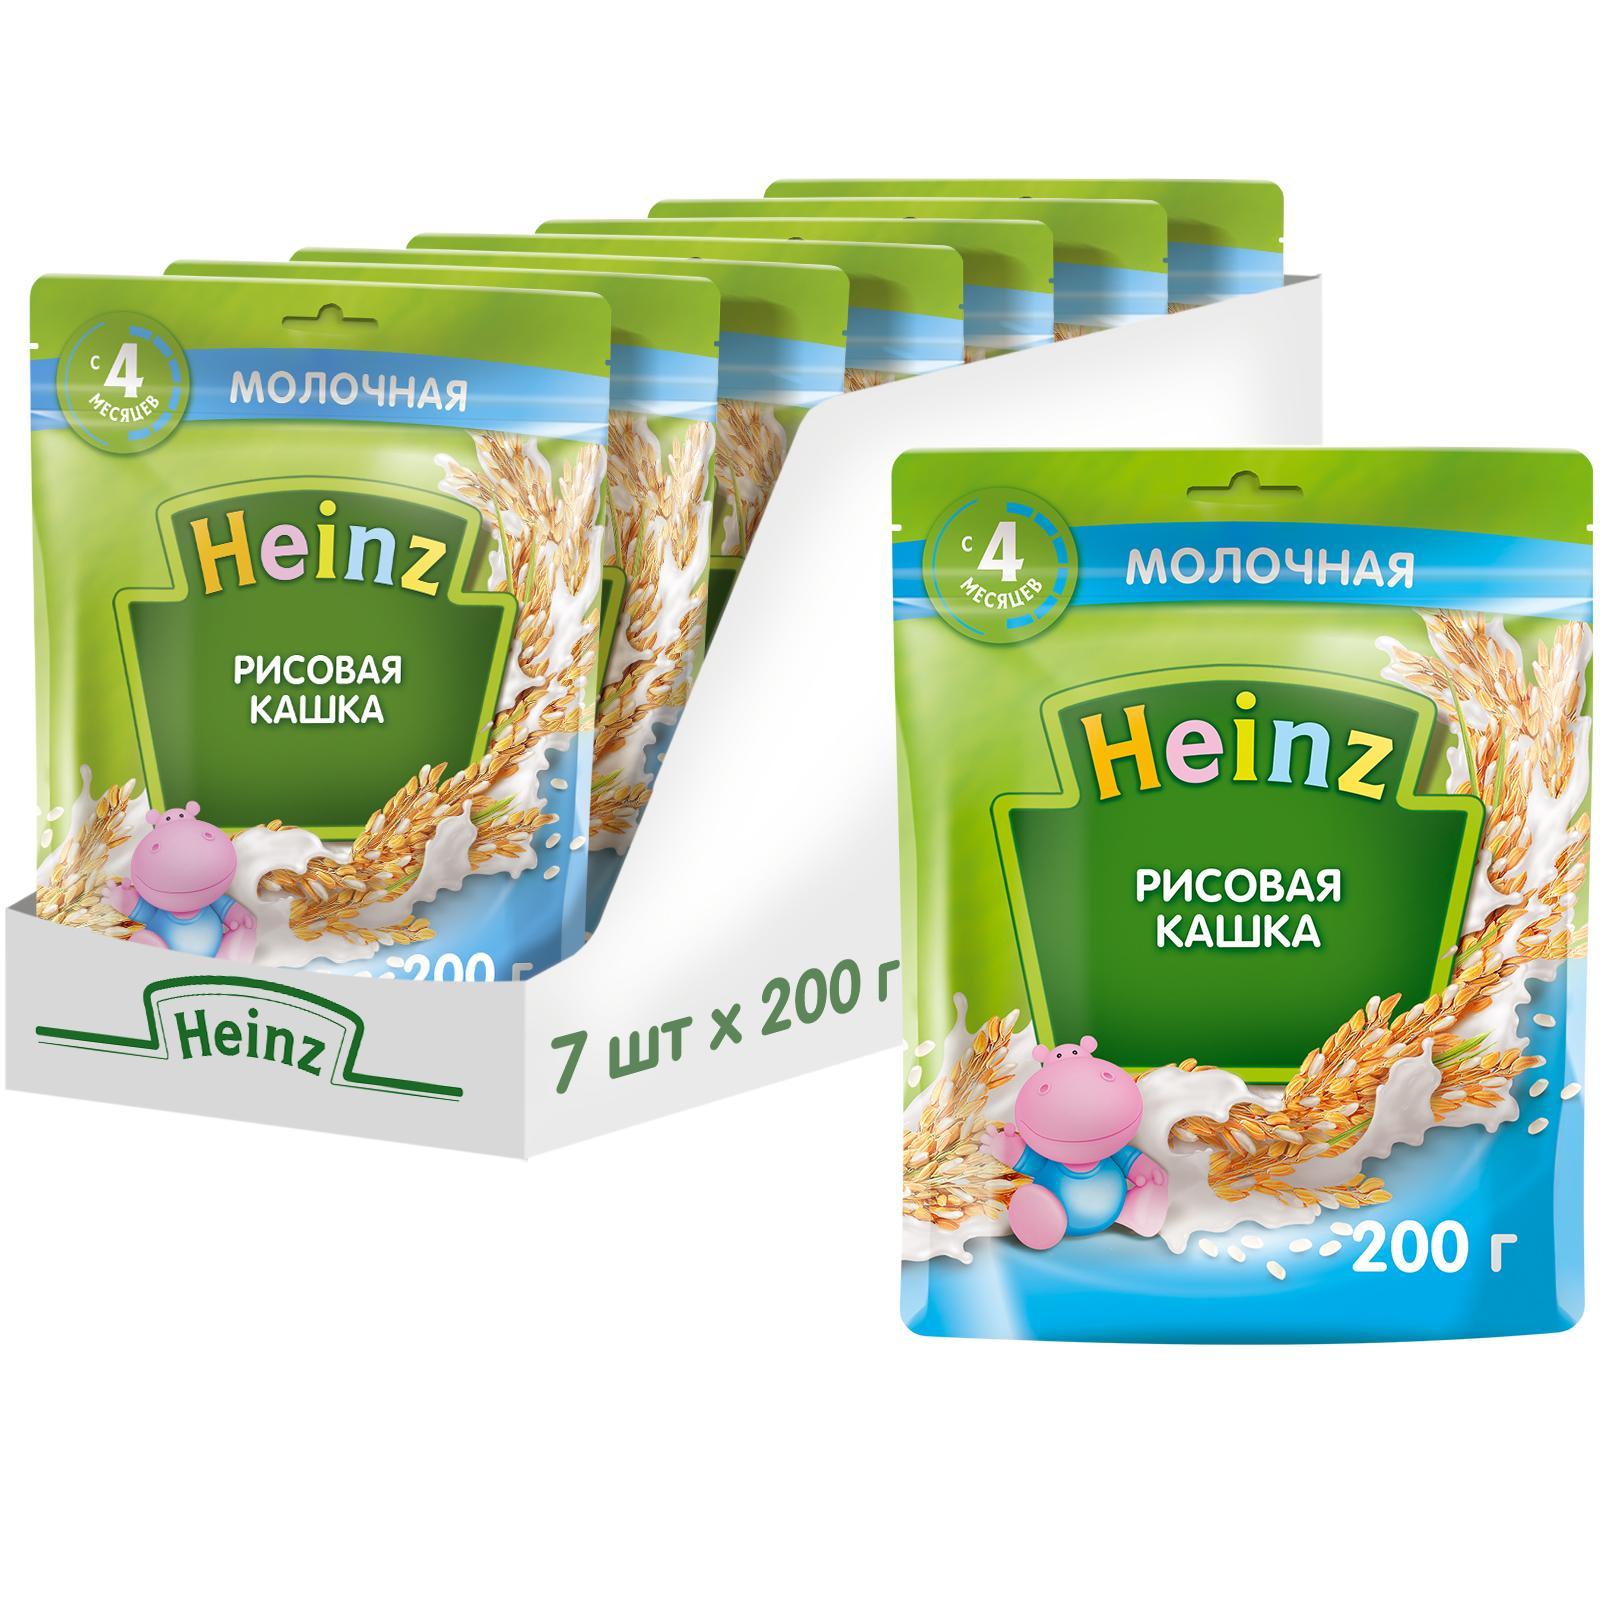 Каша молочная Heinz Рисовая с омега